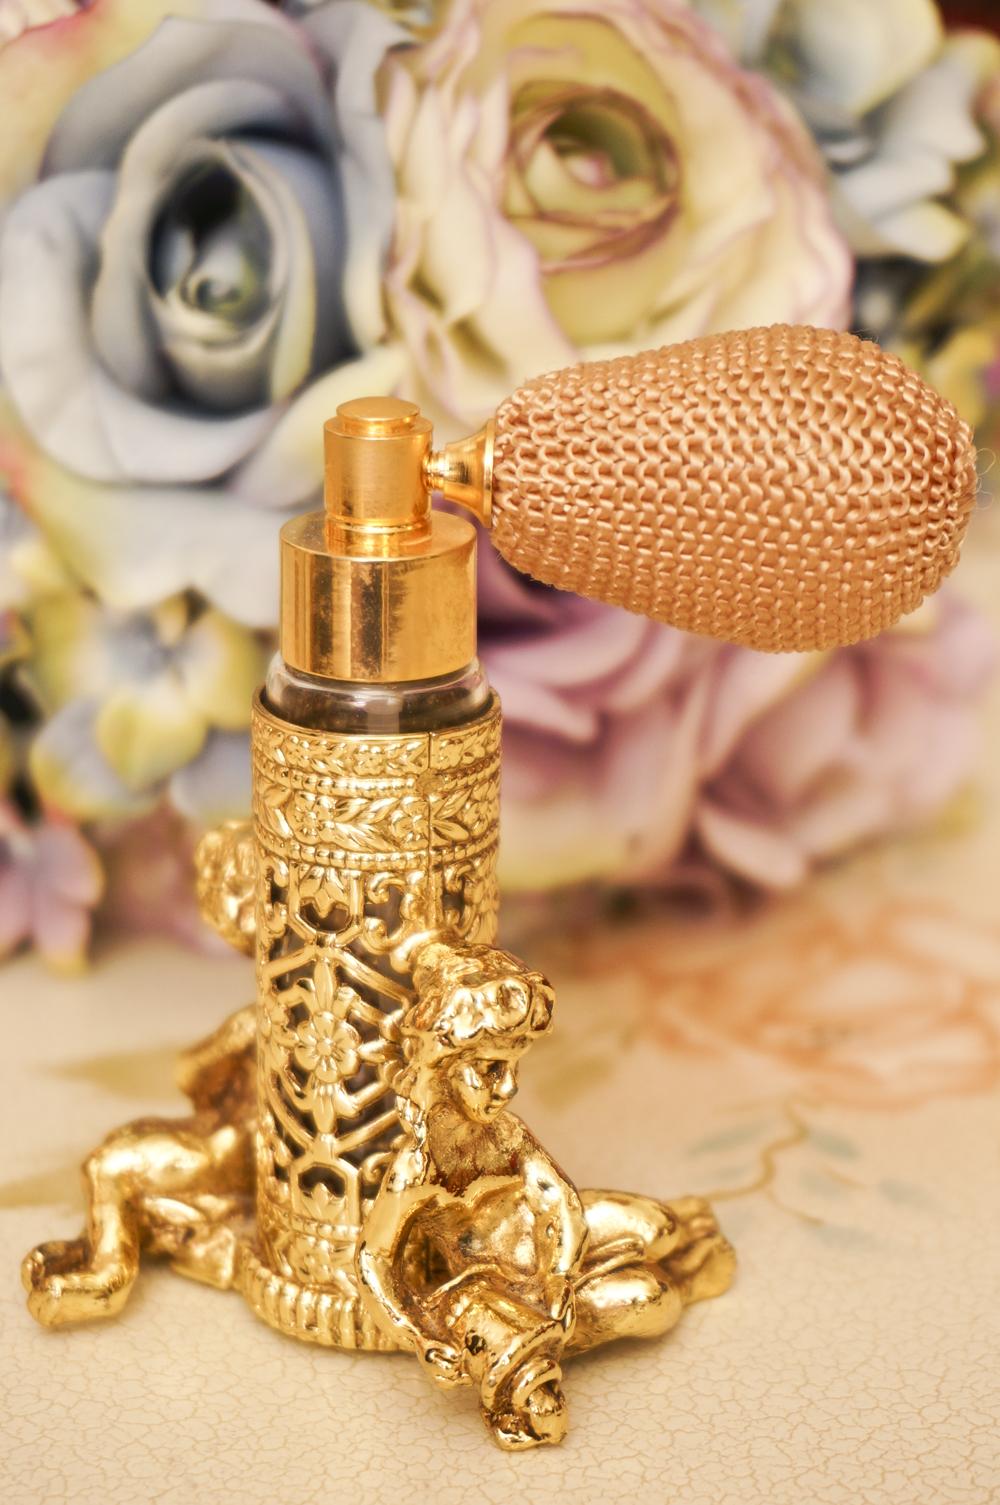 スタイルビルト製 ゴールド 女神 アトマイザー